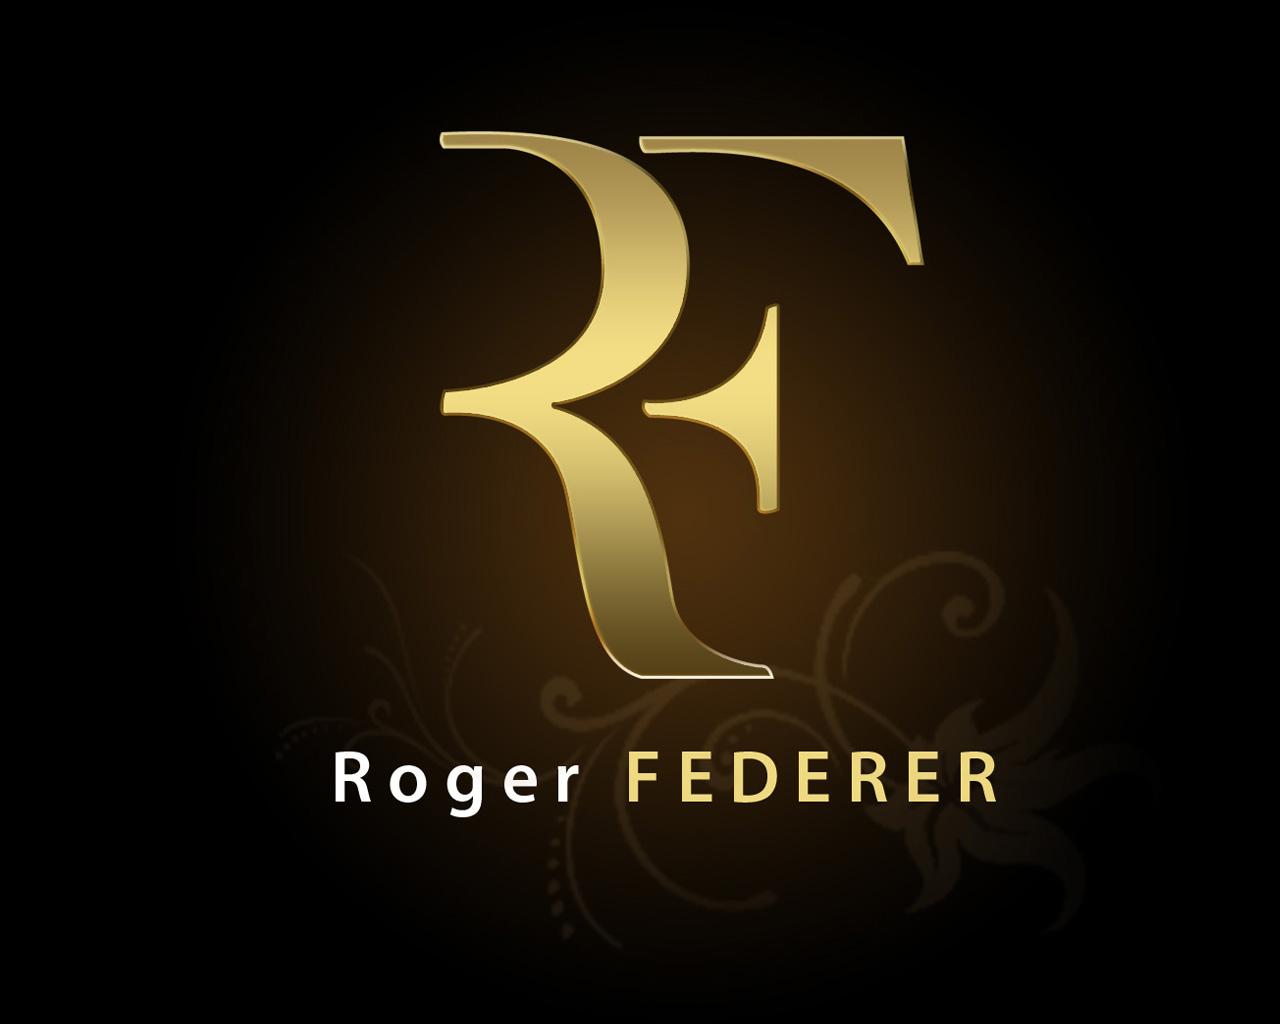 Roger federer logo Wallpaper